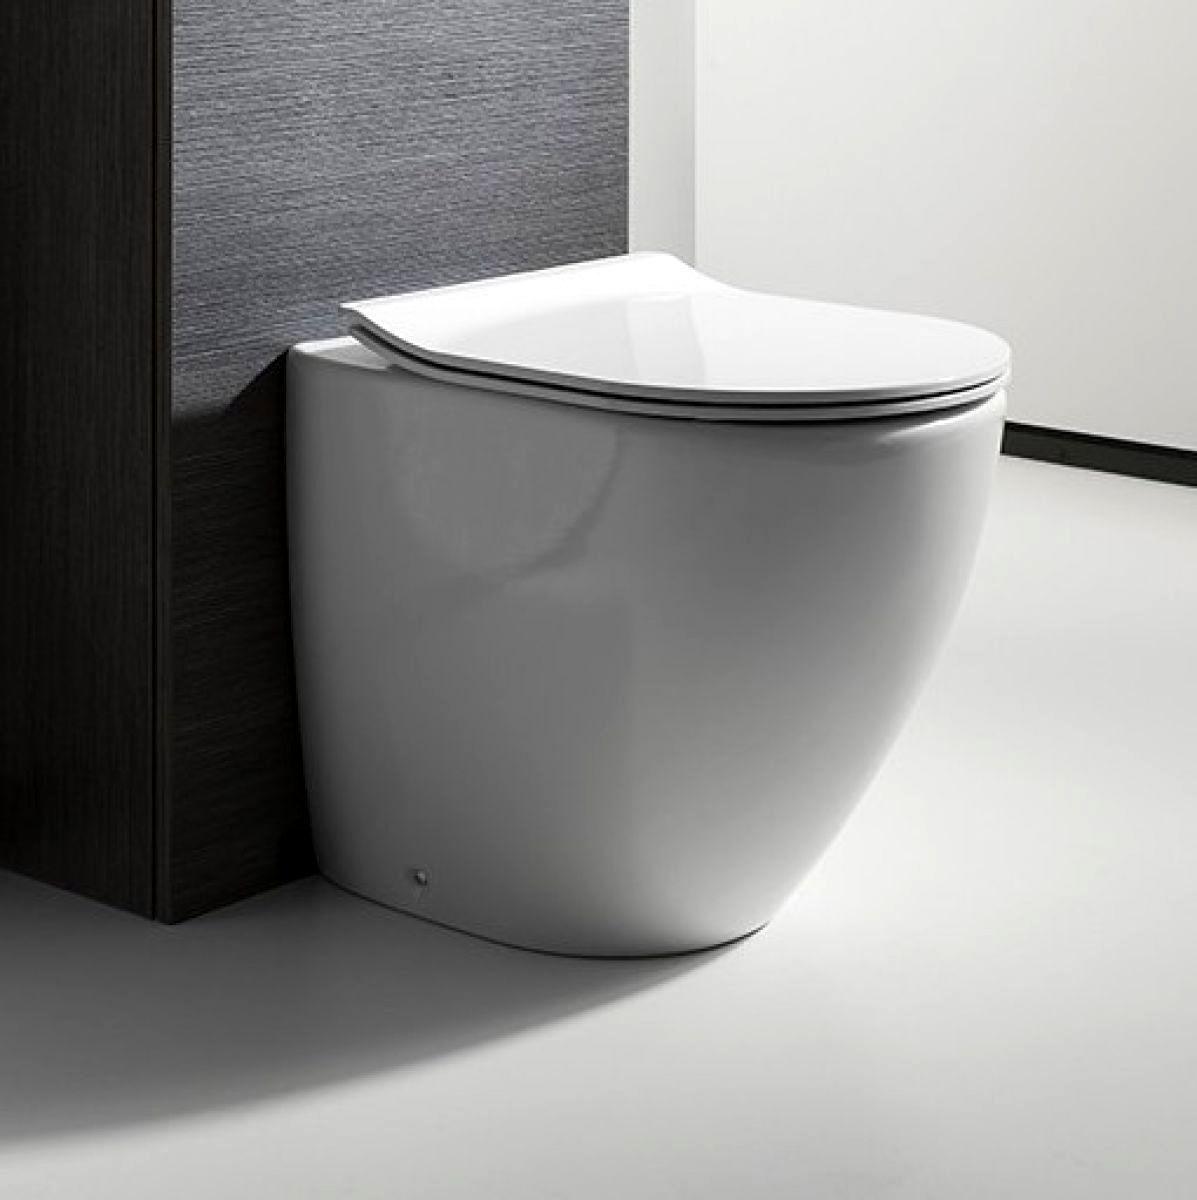 bauhaus svelte back to wall toilet uk bathrooms. Black Bedroom Furniture Sets. Home Design Ideas